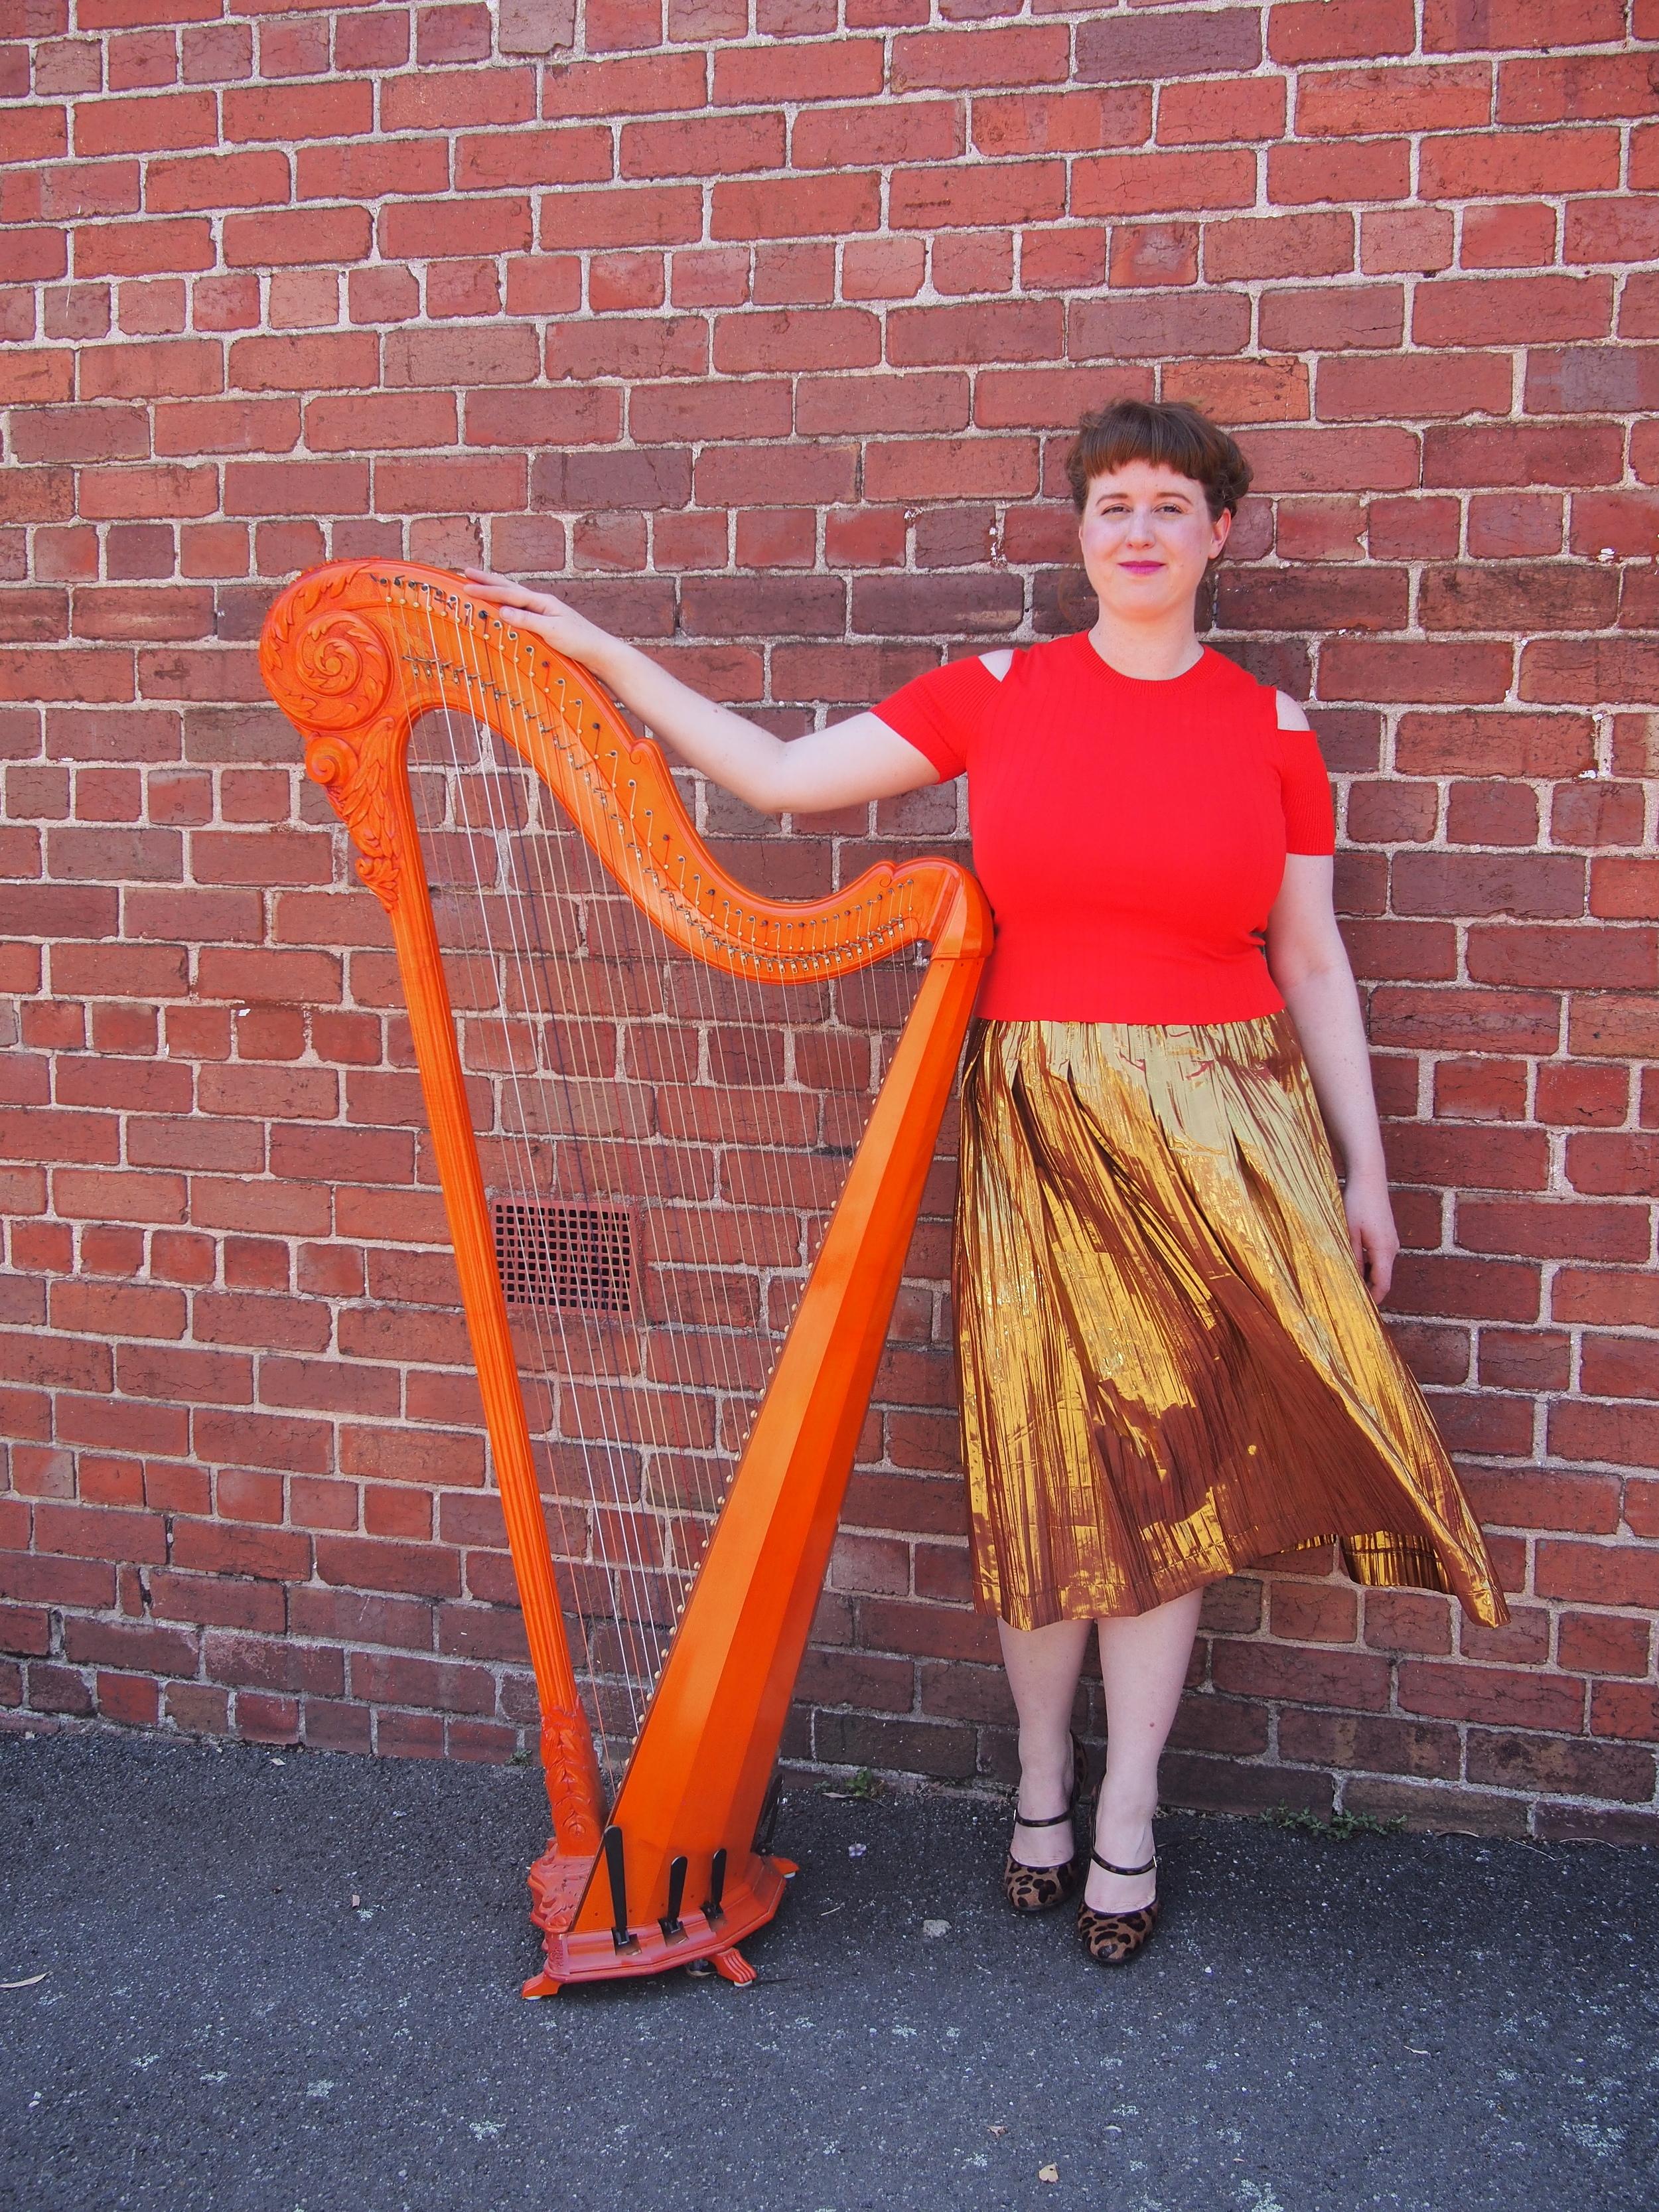 Hannah Lane Harpist